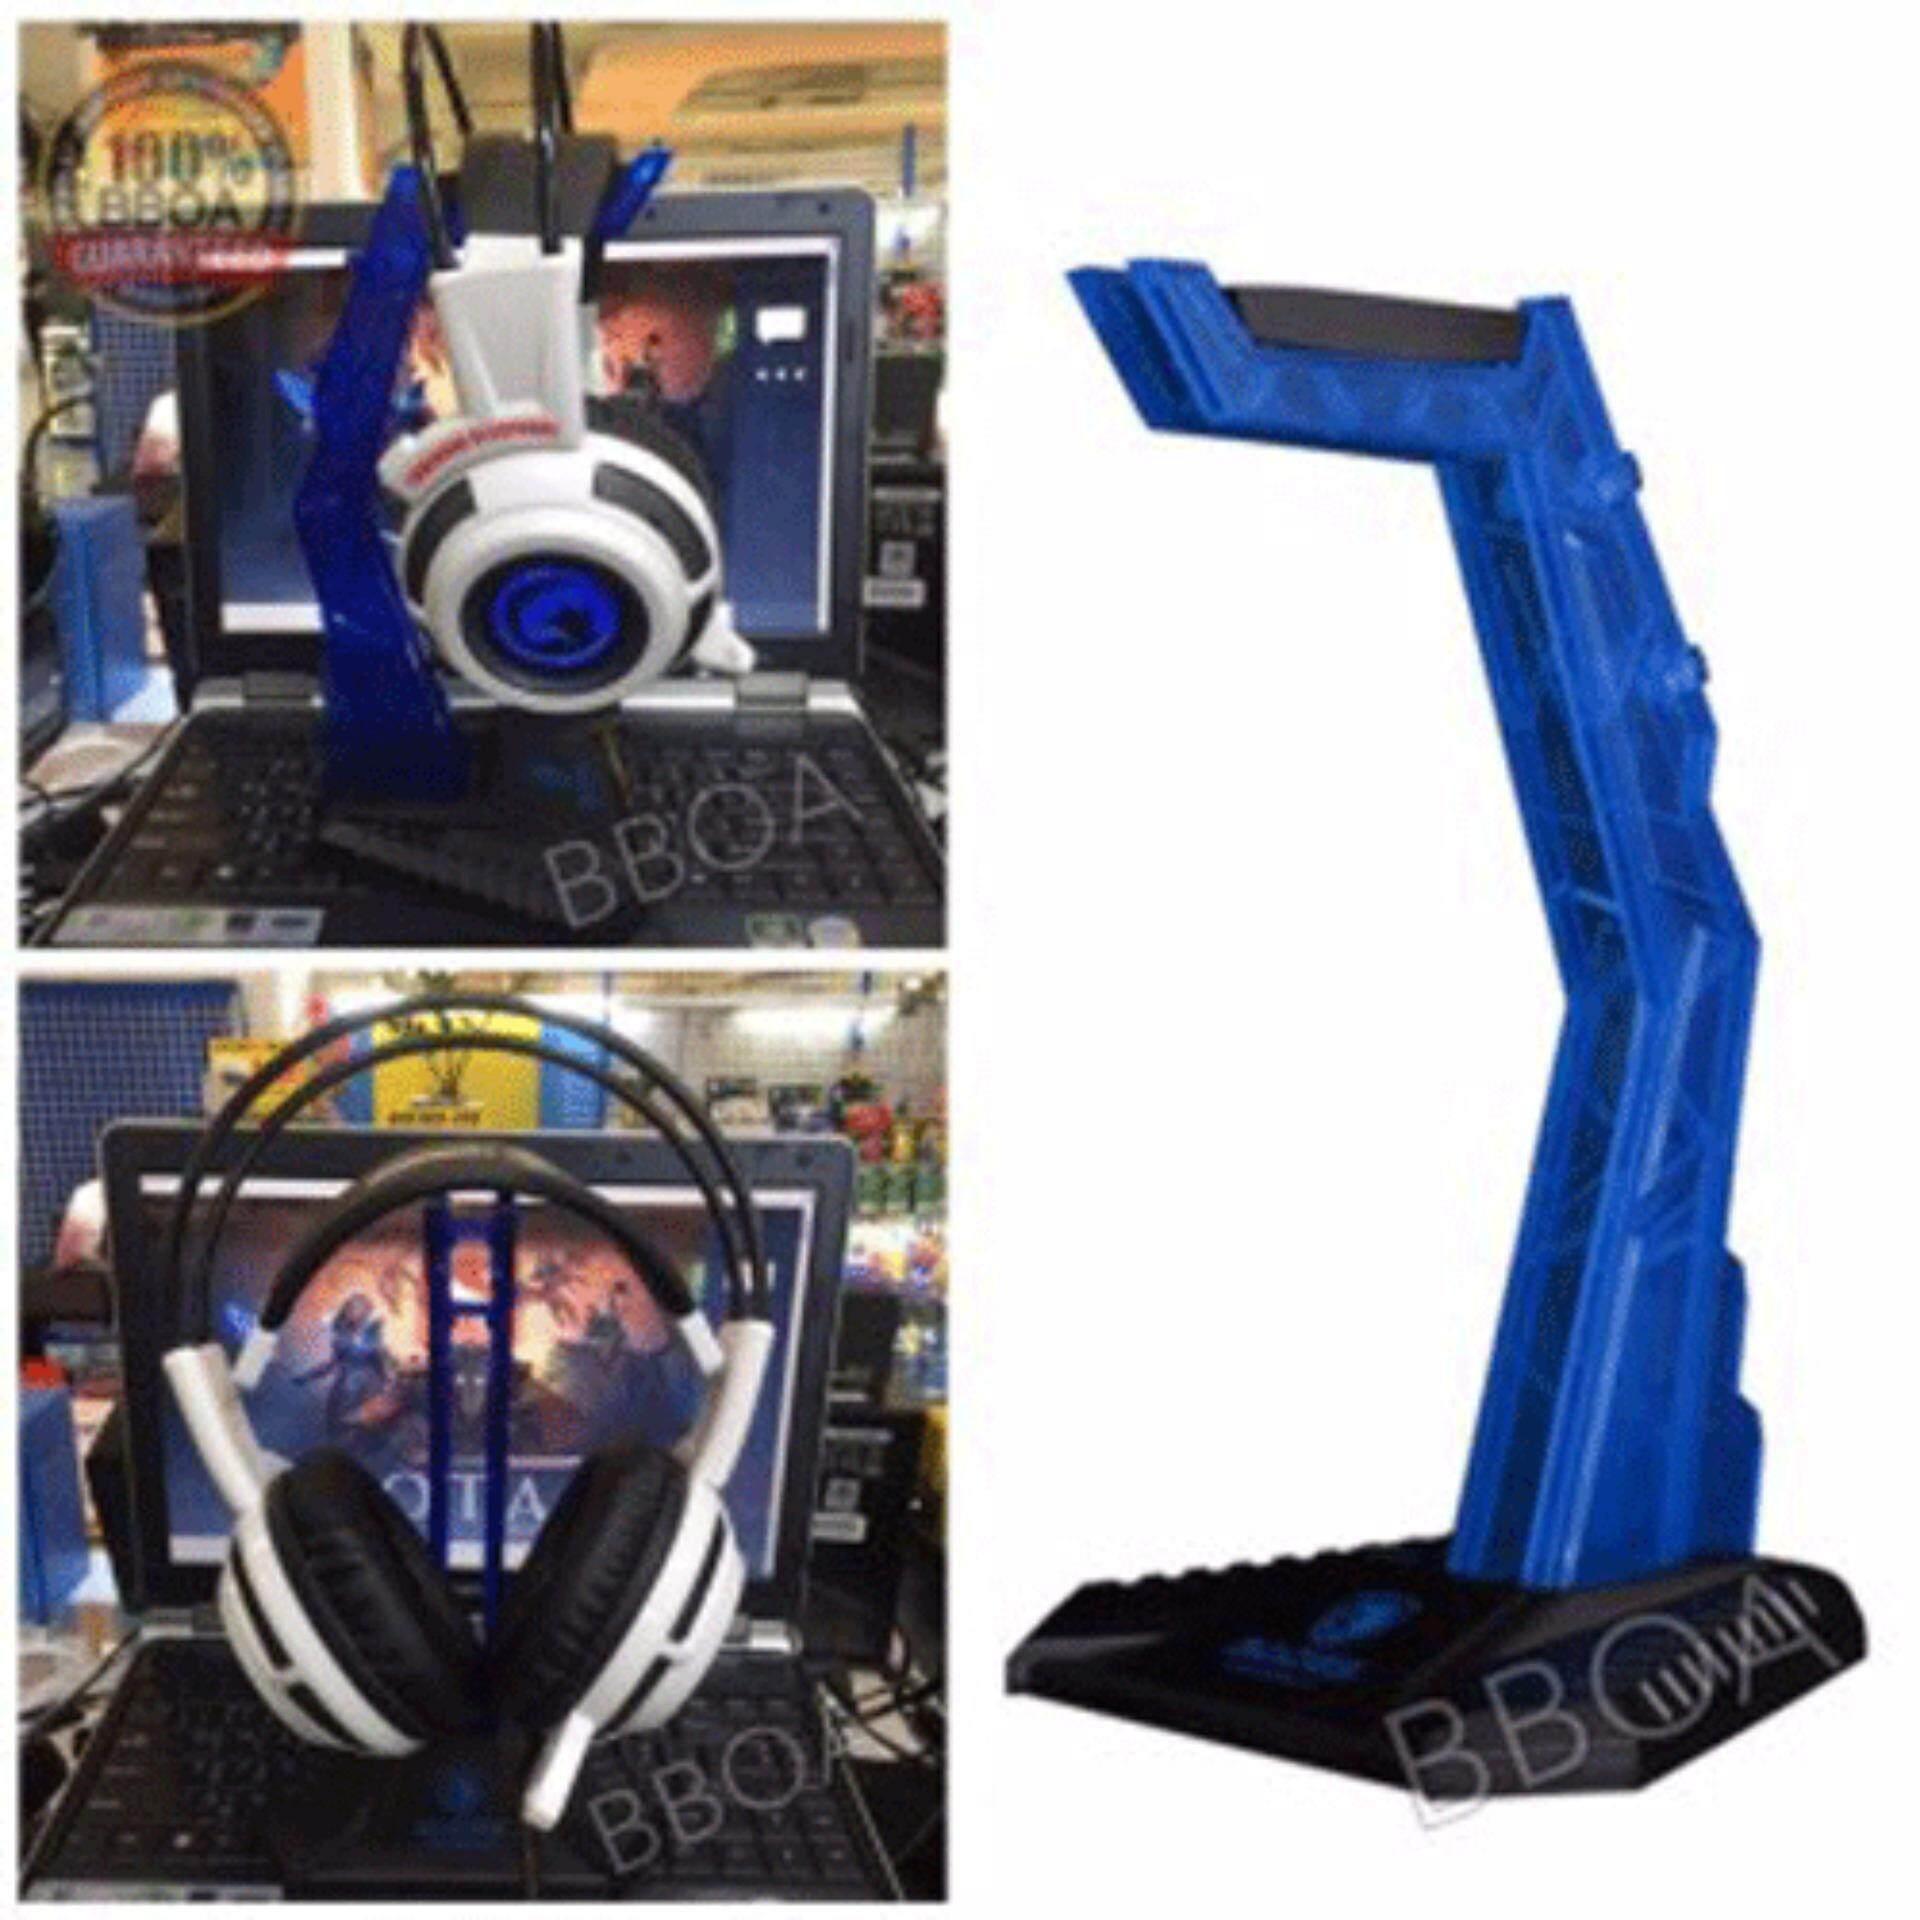 ราคา Bb Shop Sades ที่แขวนหูฟัง ที่วางหูฟัง ขาตั้งหูฟัง Headset Stand